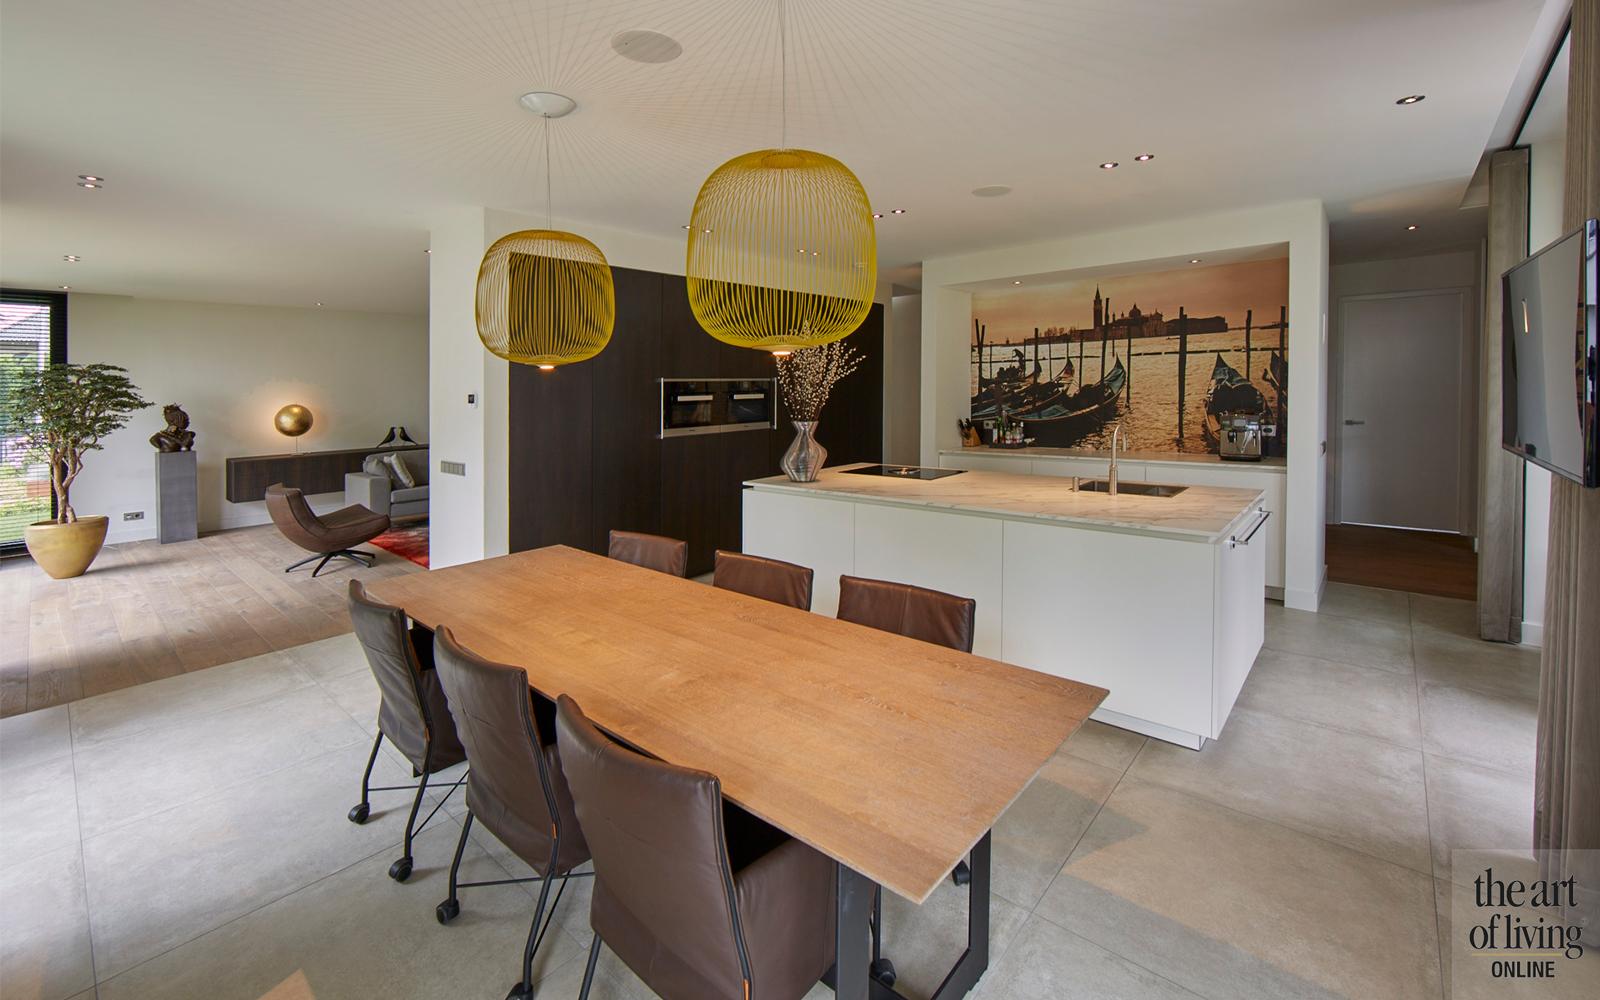 Design haard, Boley, Eettafel, Eetkamer, Houten tafel, Lampen boven eettafel, Verlichting, Open keuken, Keuken design